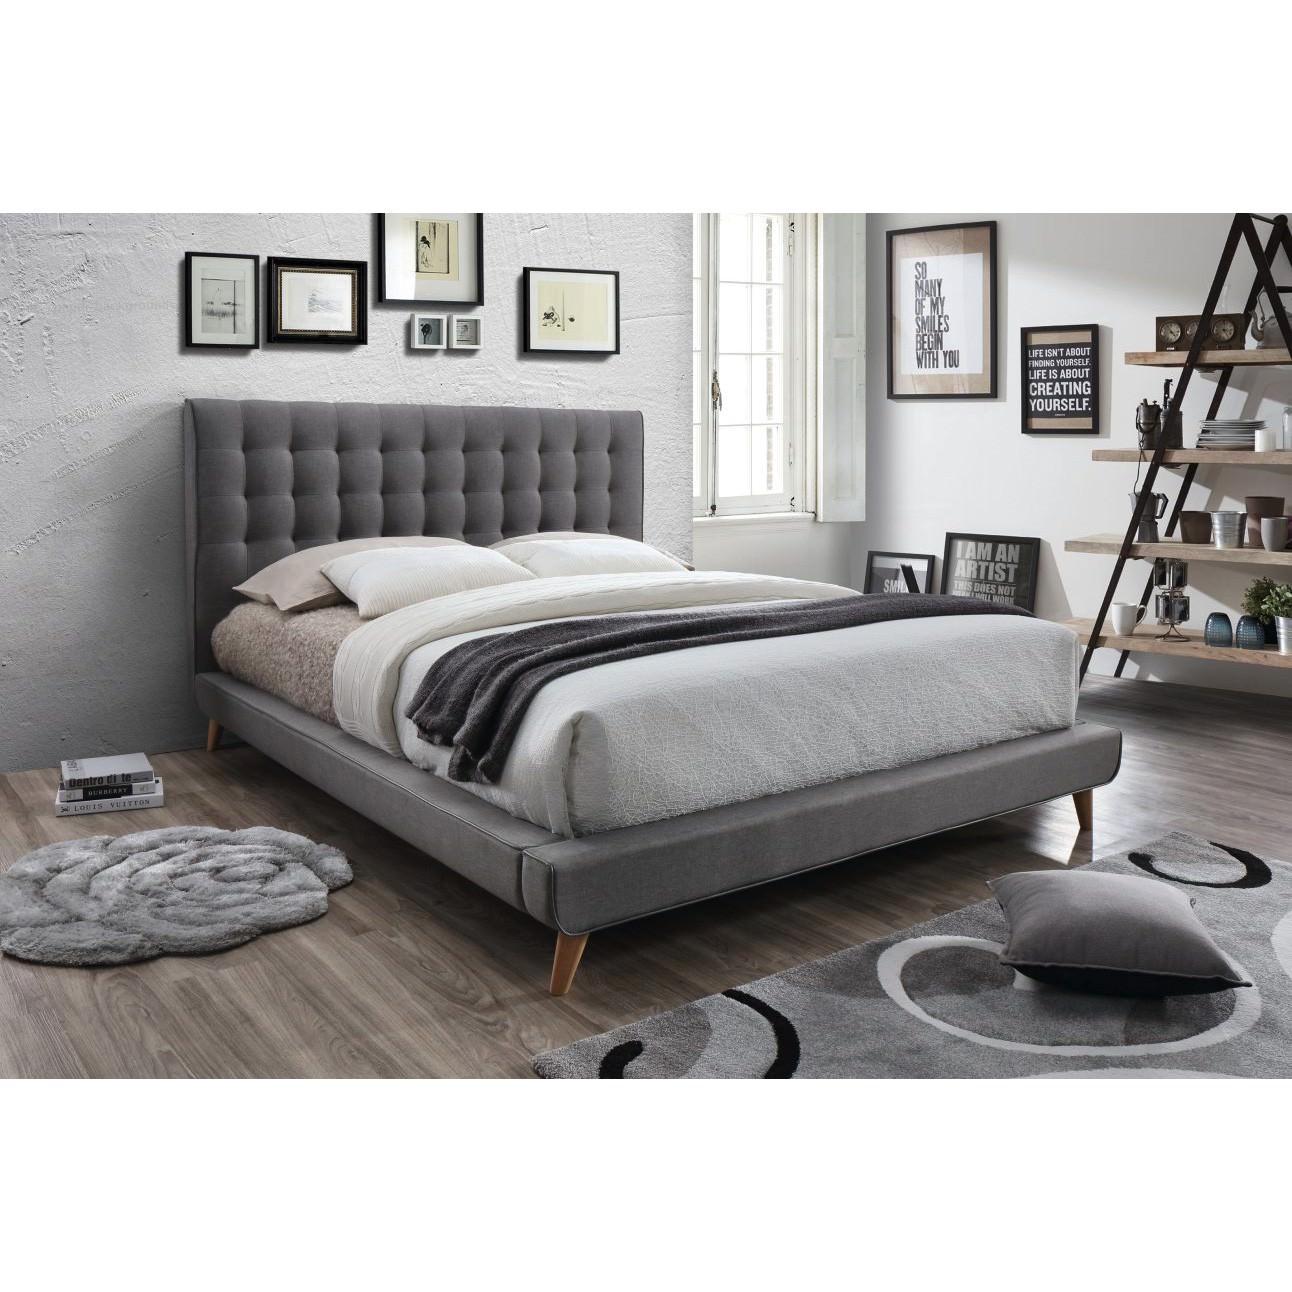 Jacob Fabric Platform Bed, Queen